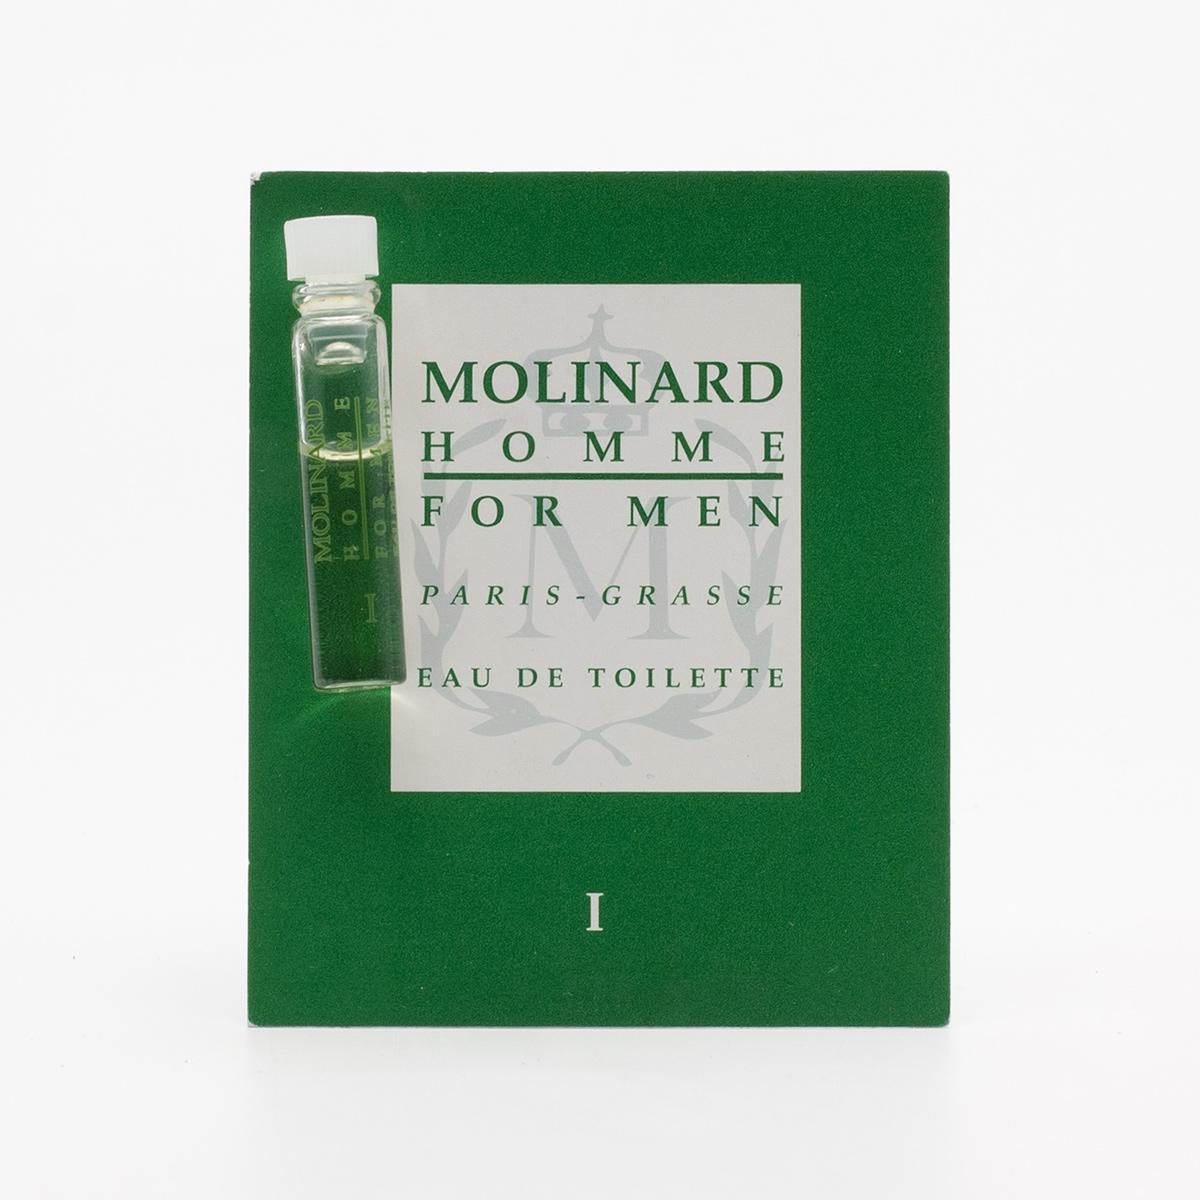 Molinard Toaletní voda Homme I 1 ml